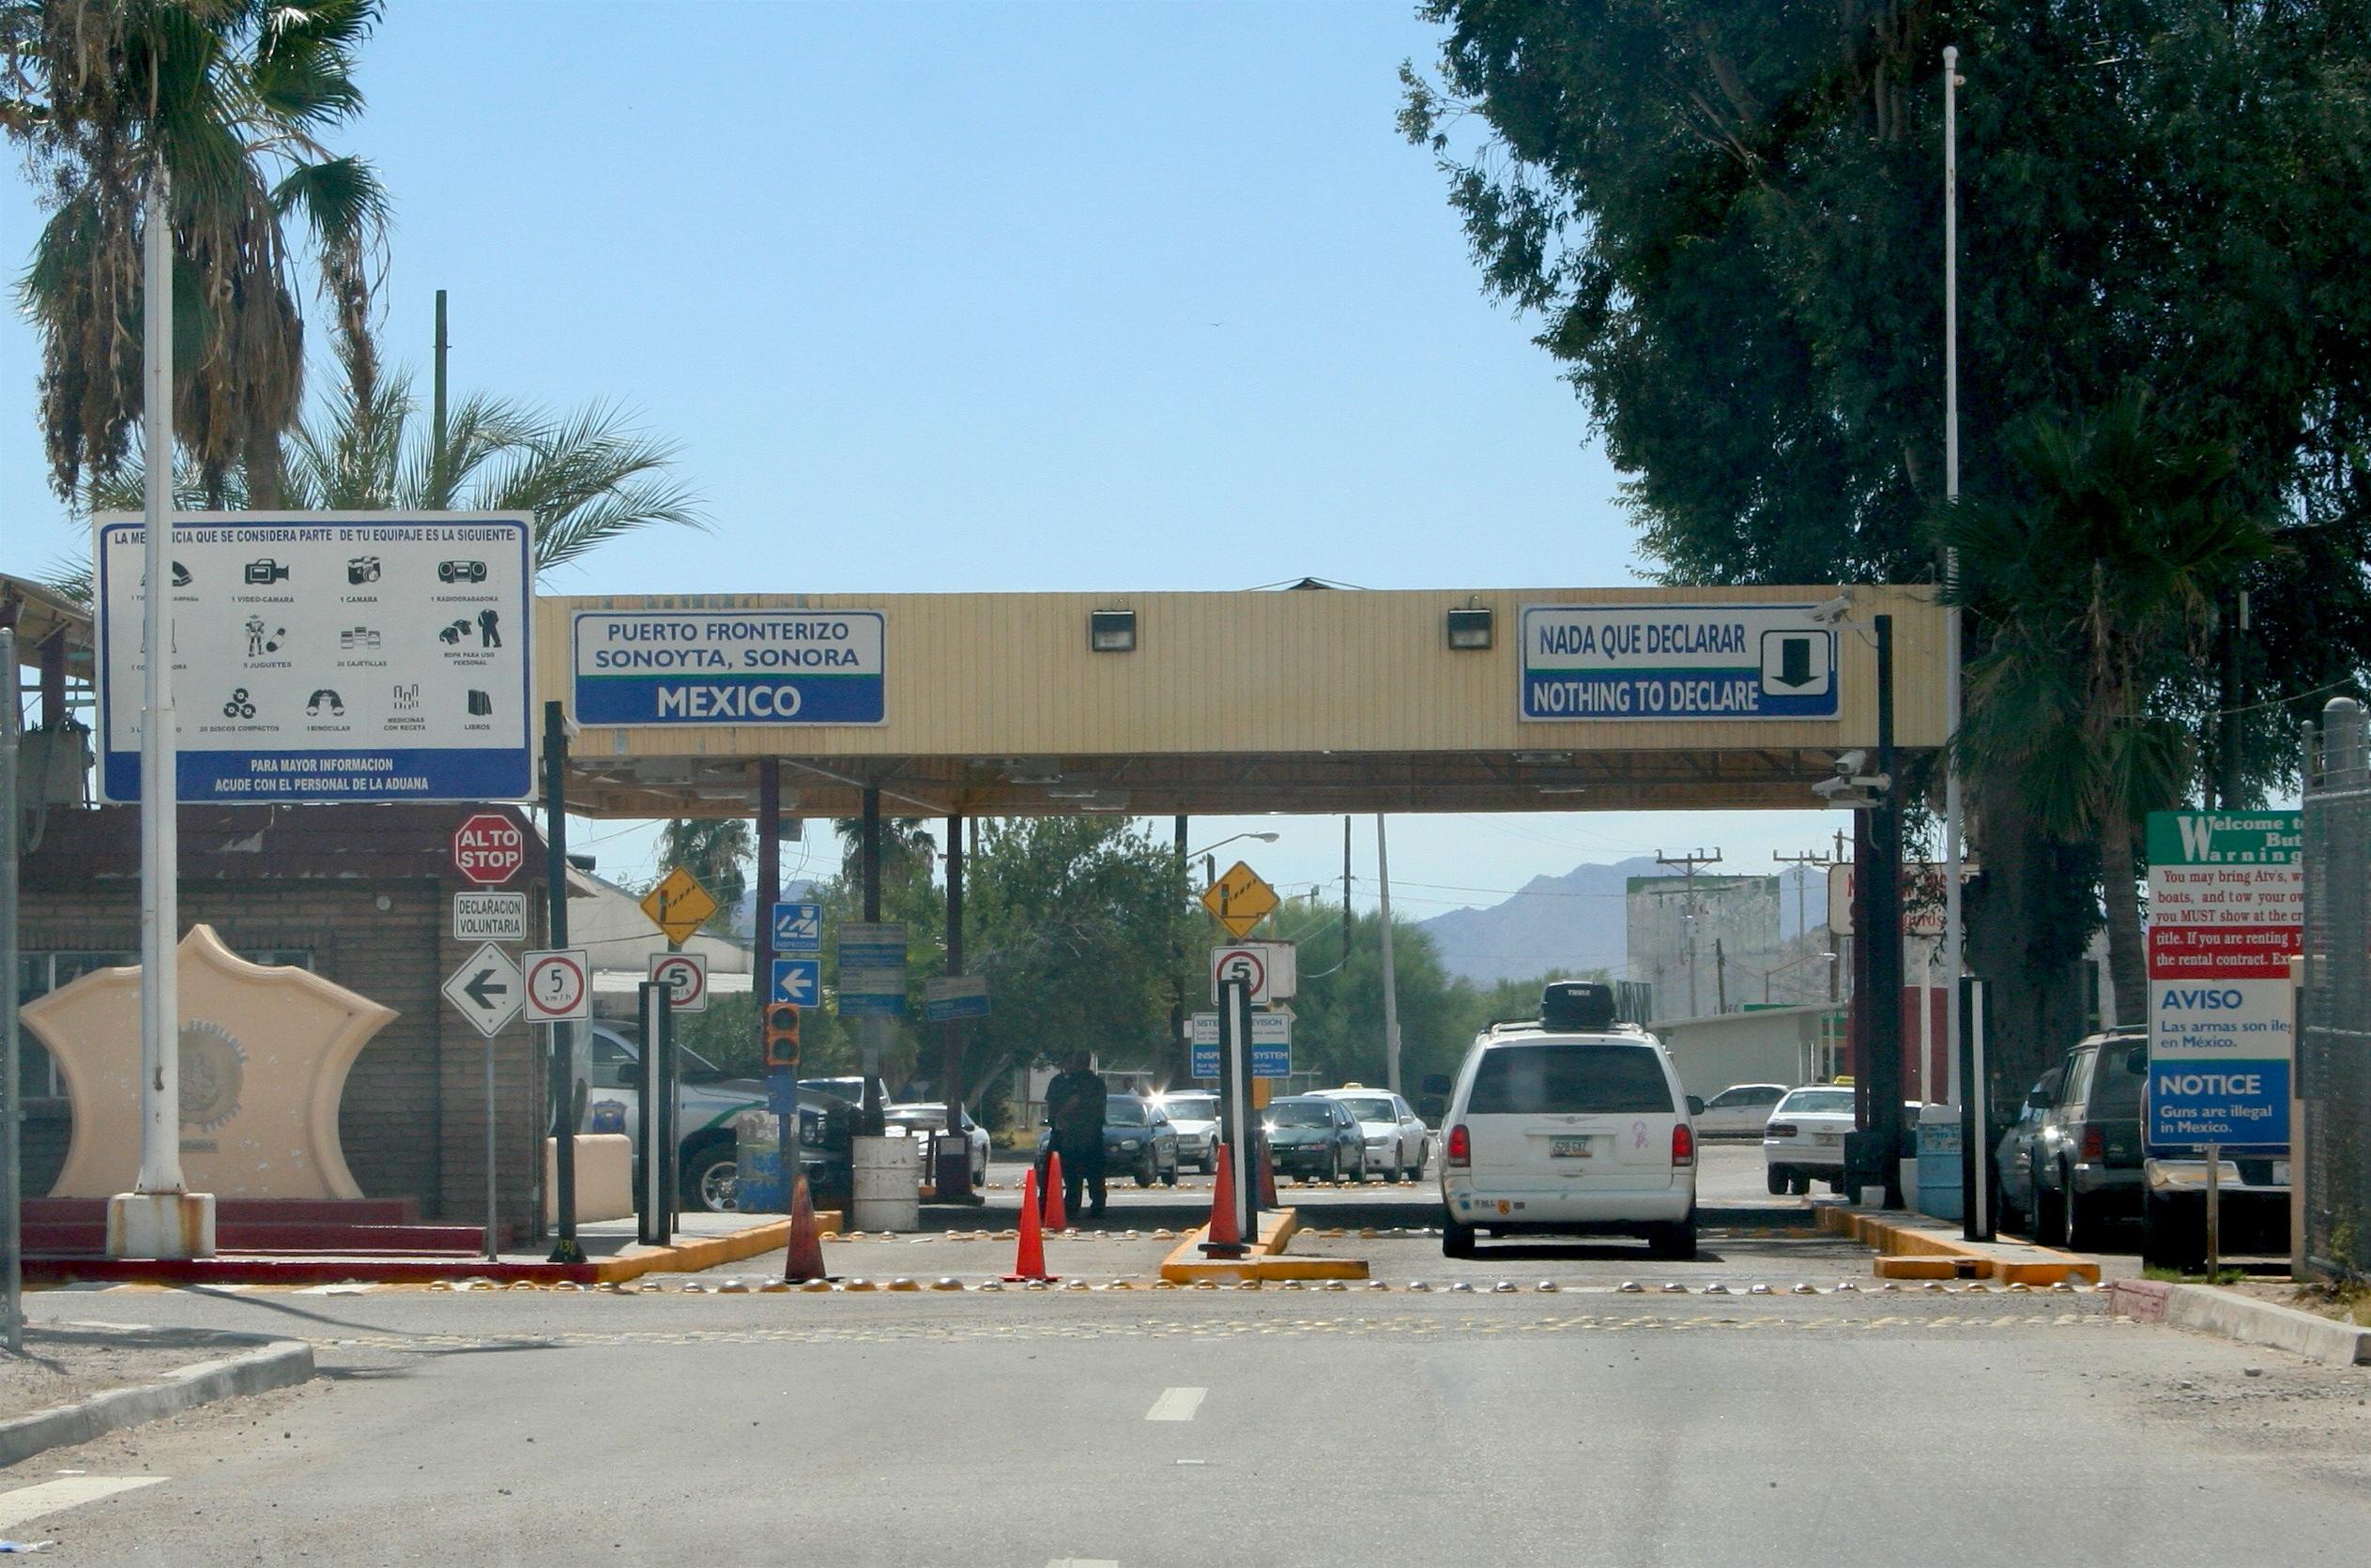 OPERATIVO CONAGO: ASE desconoce autoridad de Gobierno de SONORA. PRESUNTO CULPABLE 3